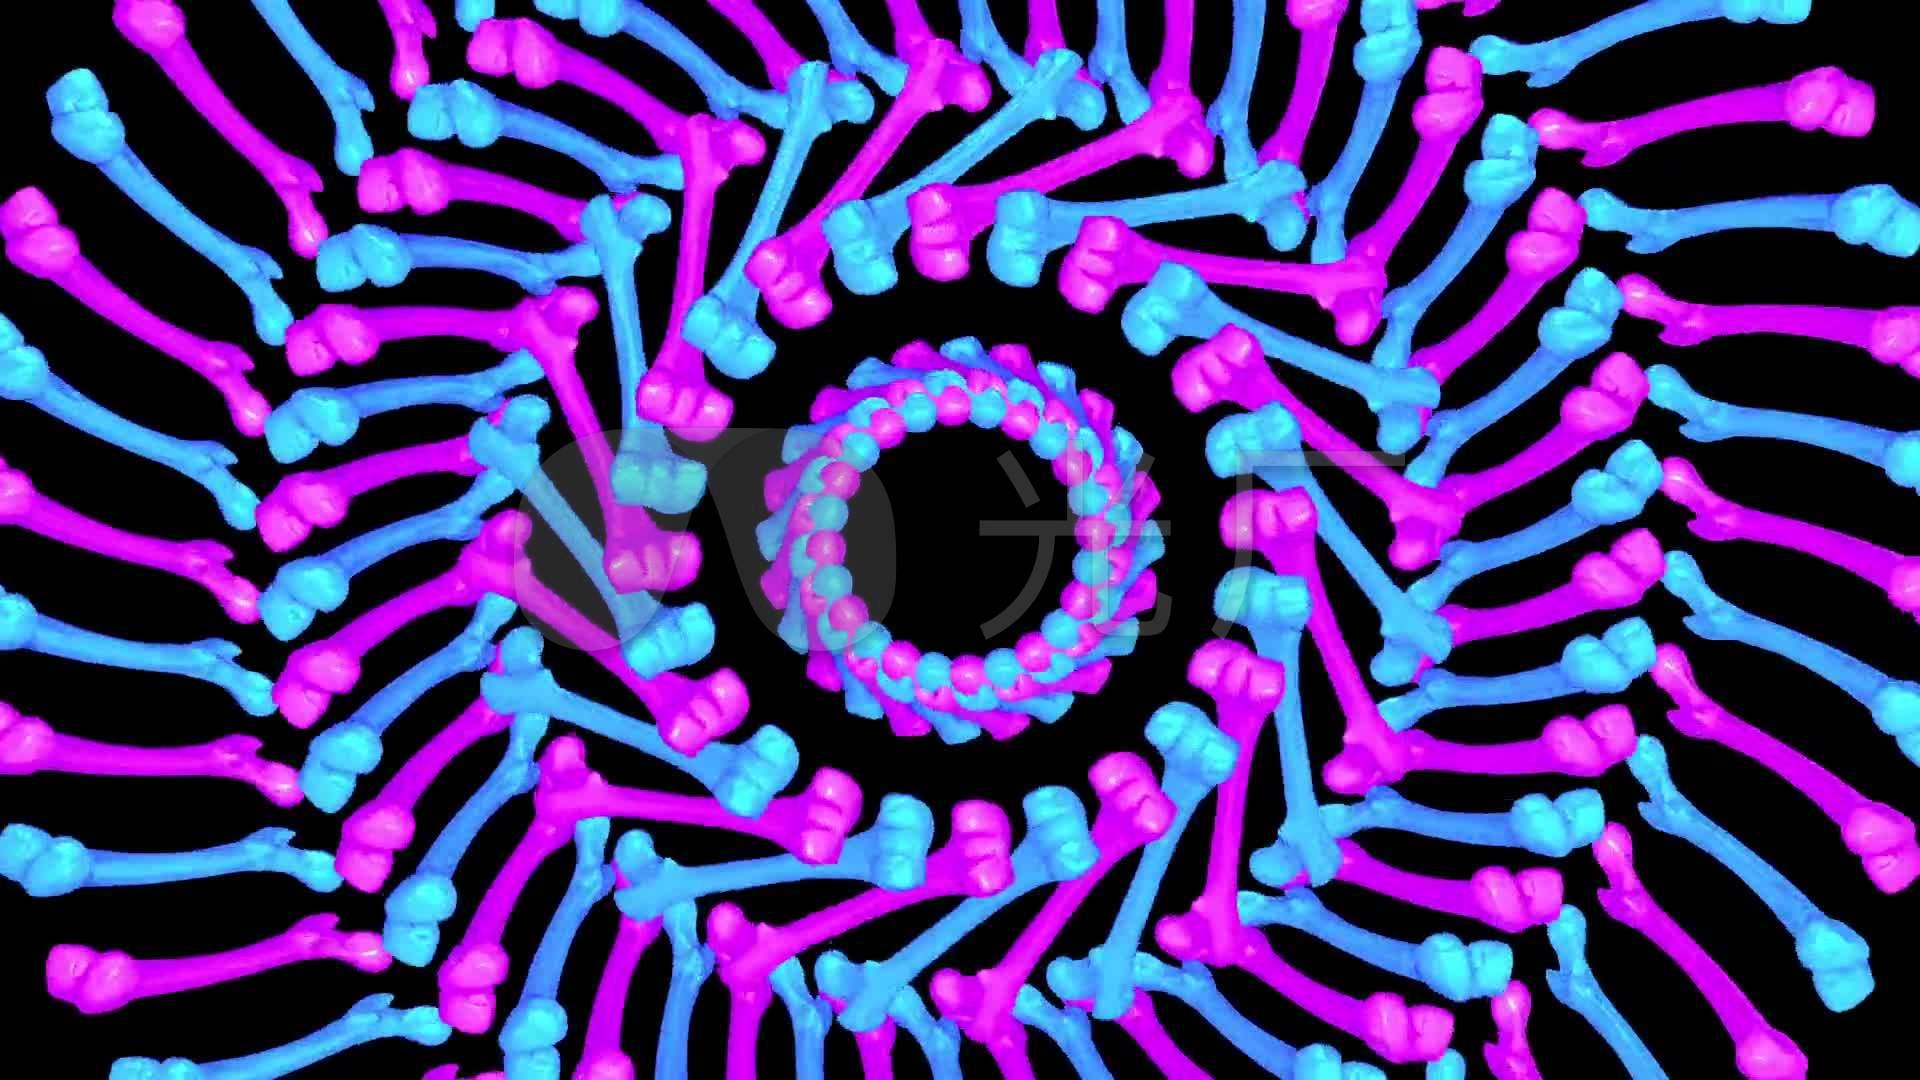 动态素材发散圆圈扩展全息投影